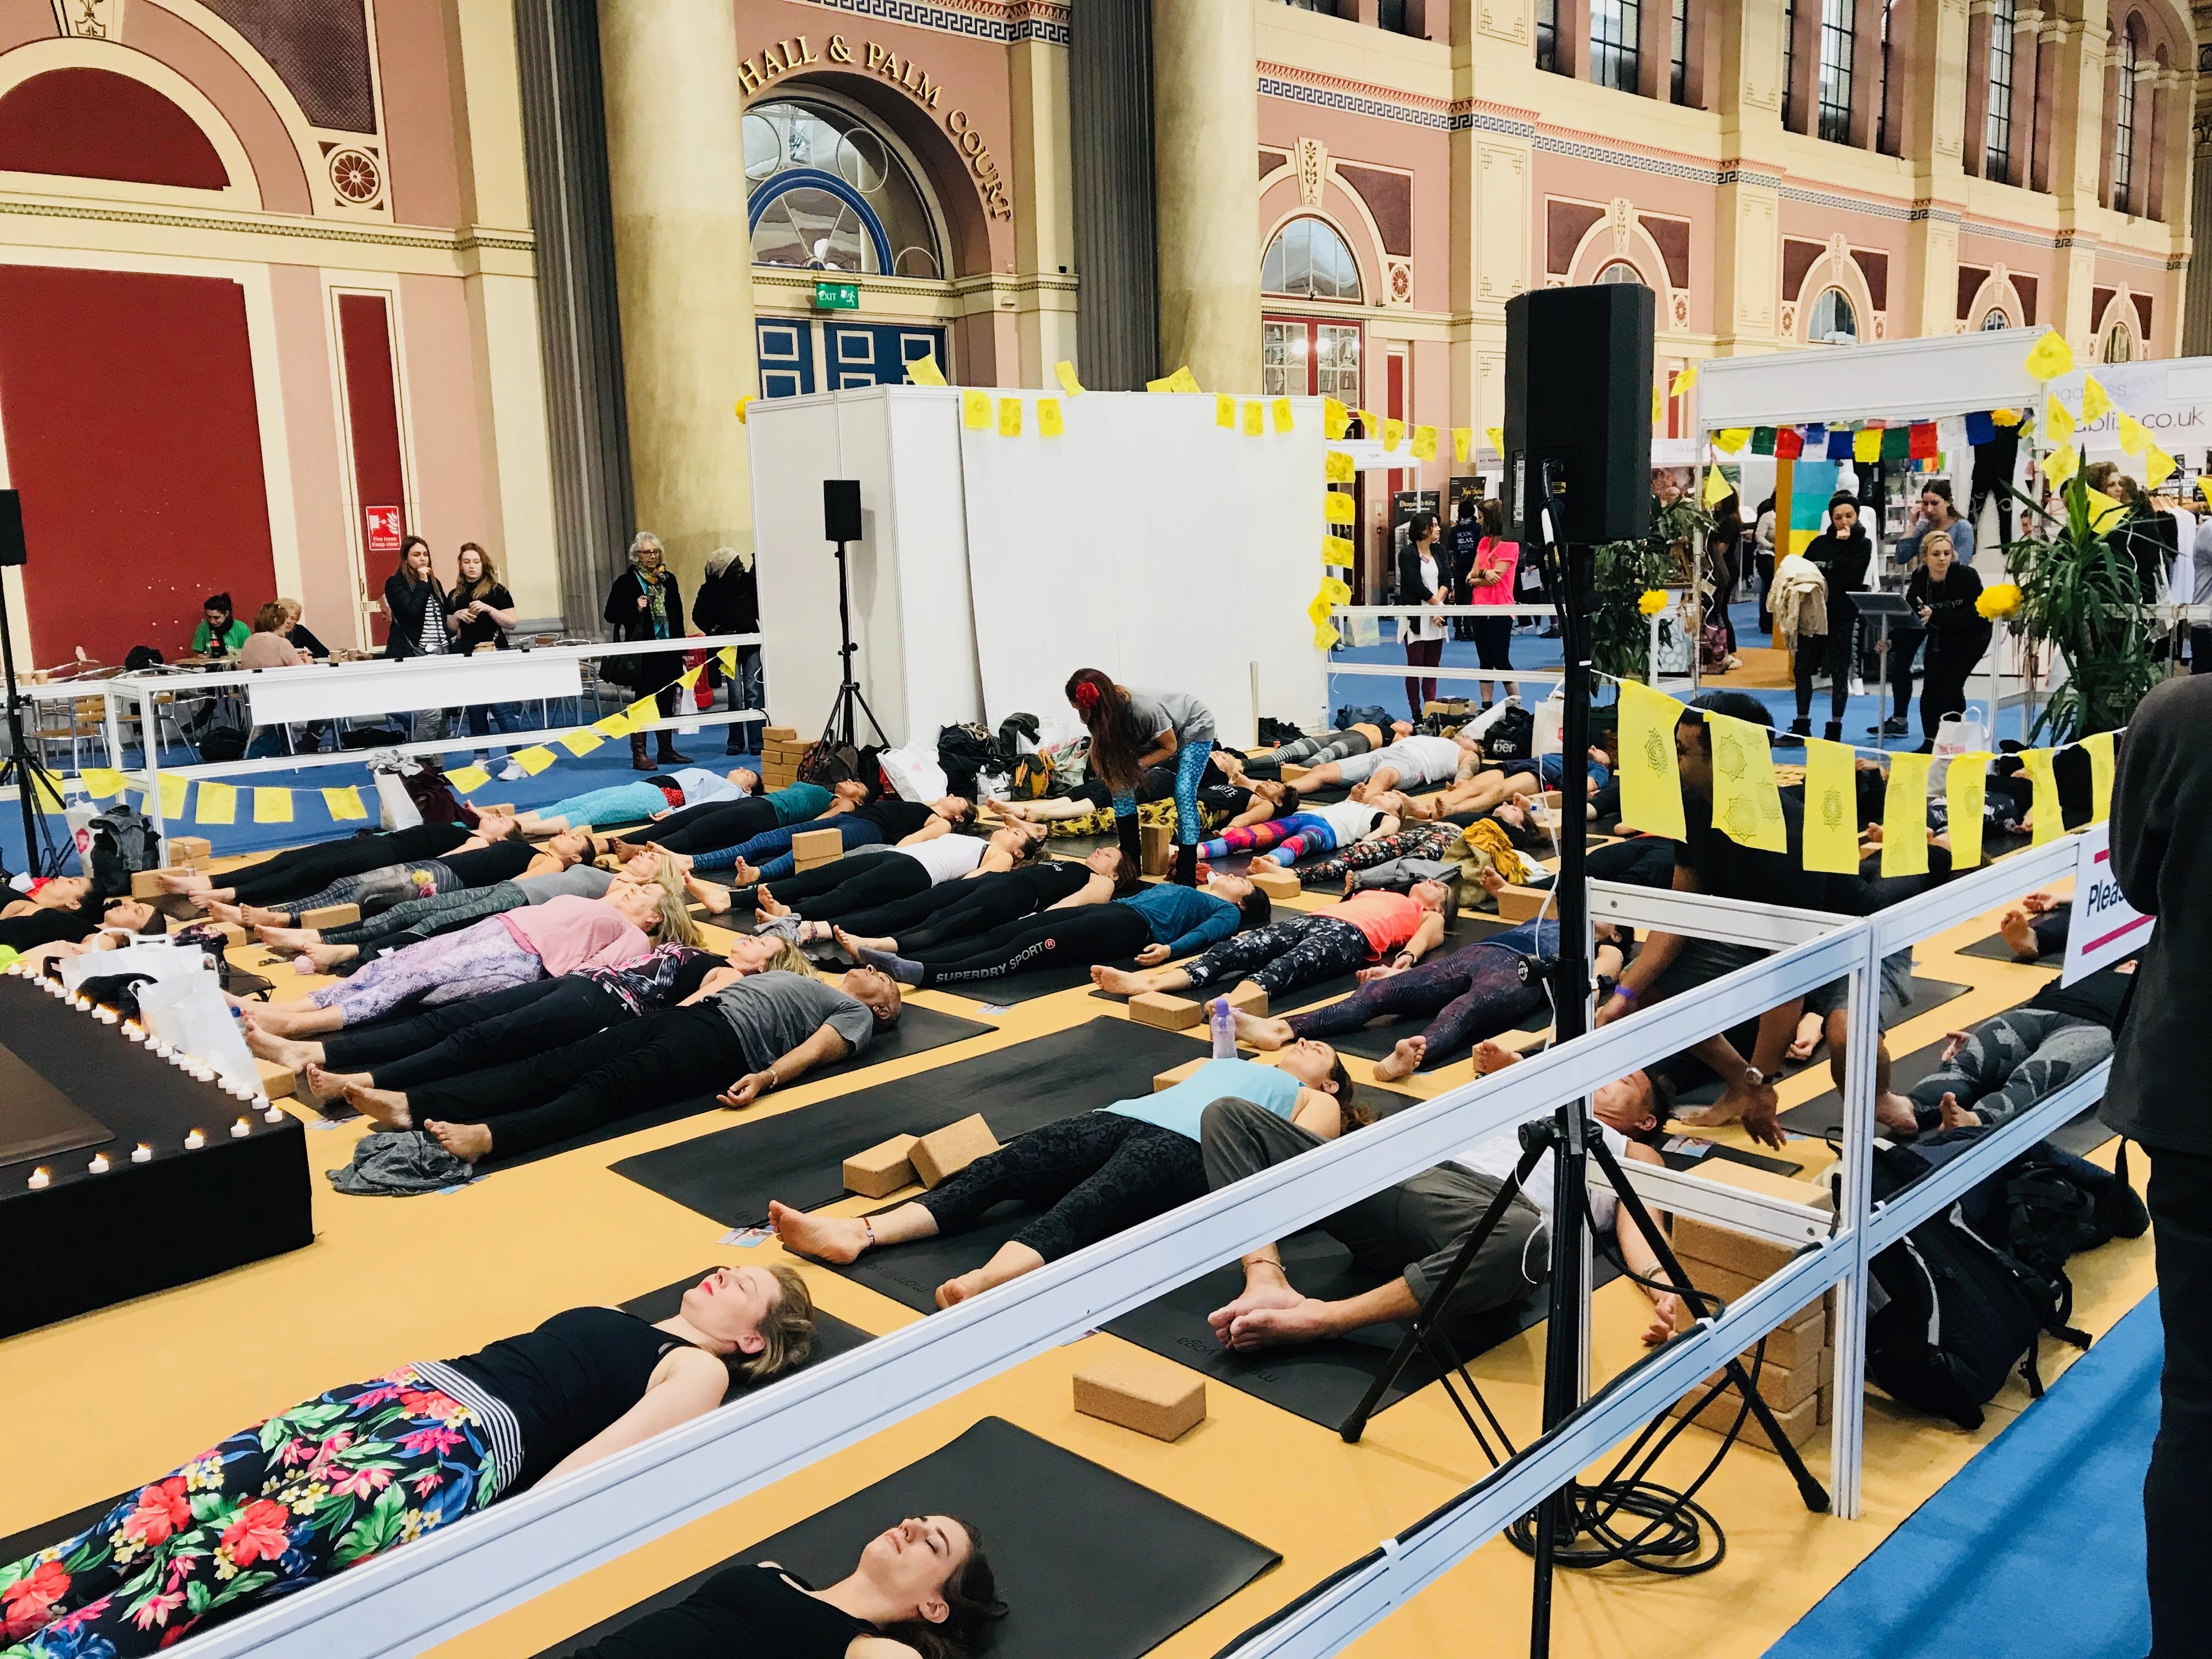 Uno de los espacios de clases de yoga en el OM Yoga Show